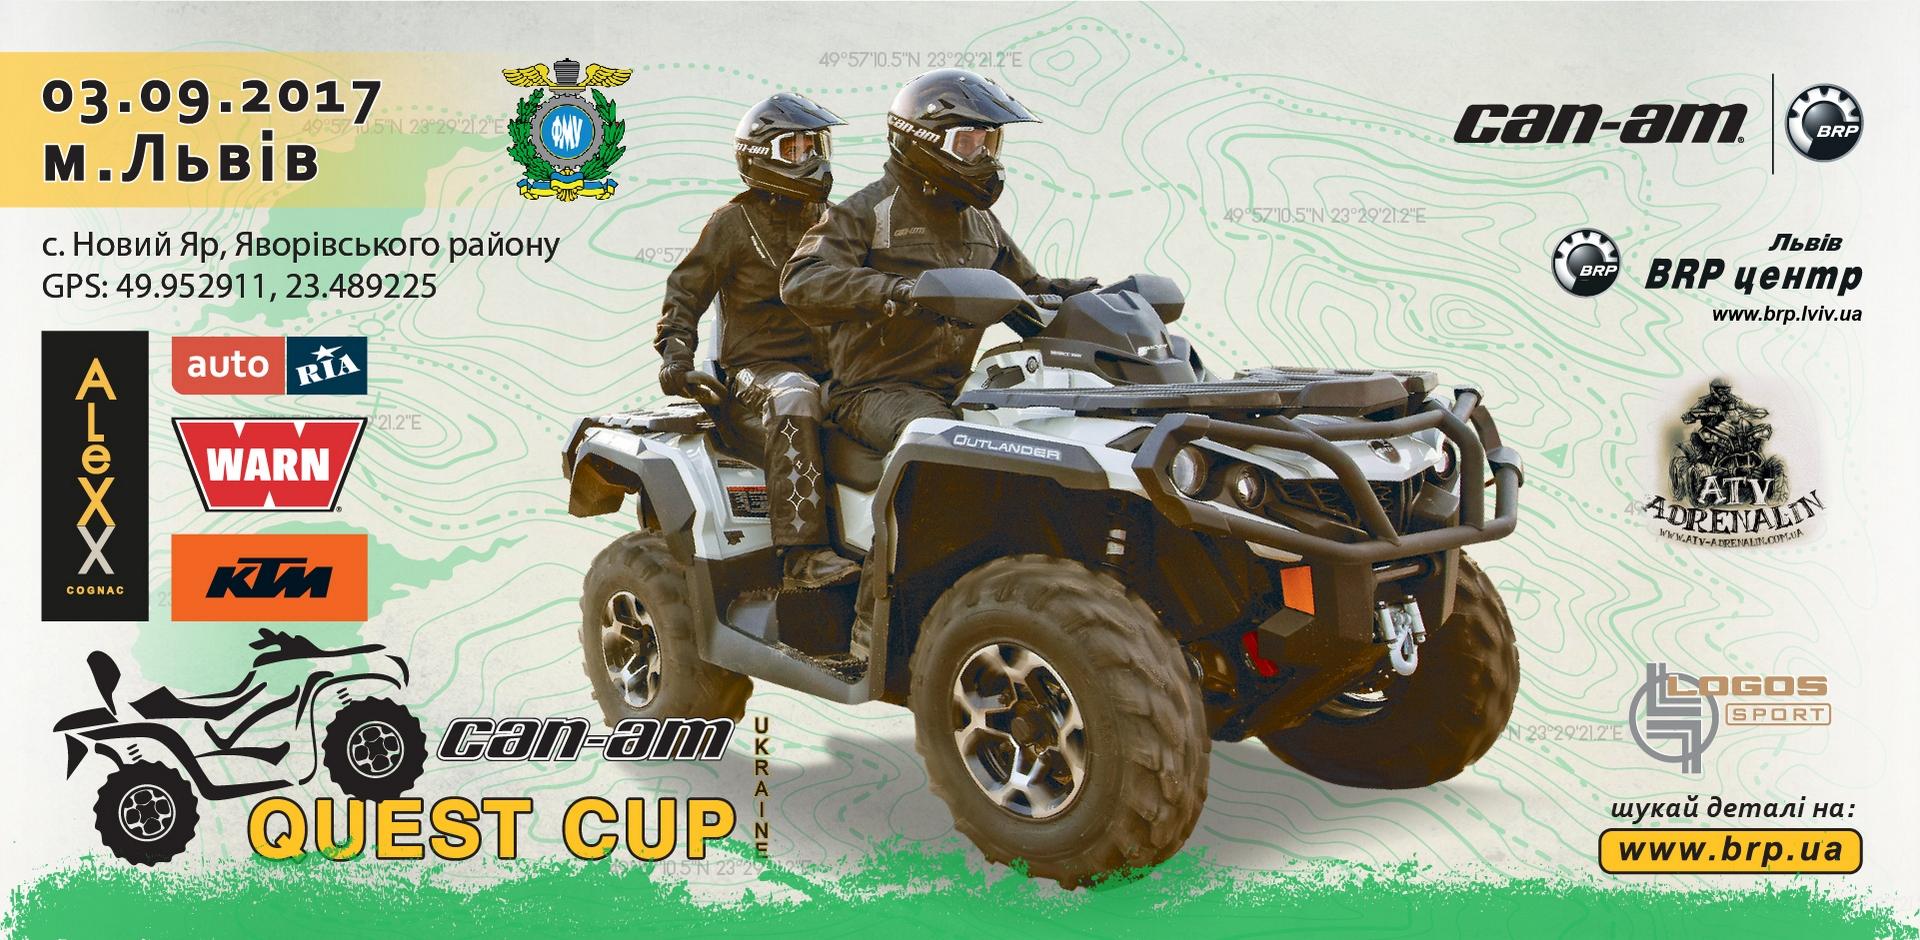 6-й этап серии «CAN-AM QUEST CUP»! Львов. 03.09.2017